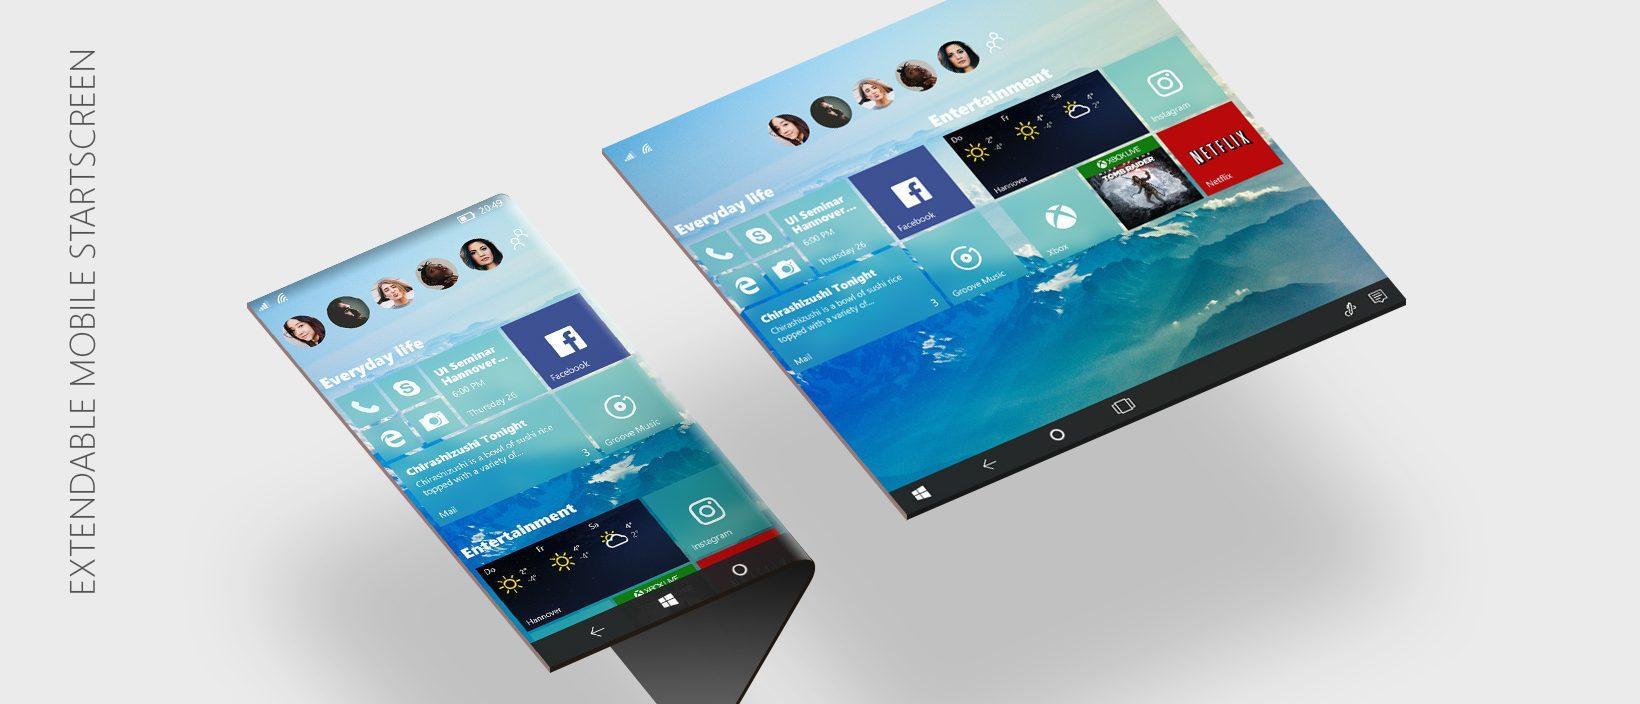 Surge a primeira build do Windows 10 para dispositivos dobráveis